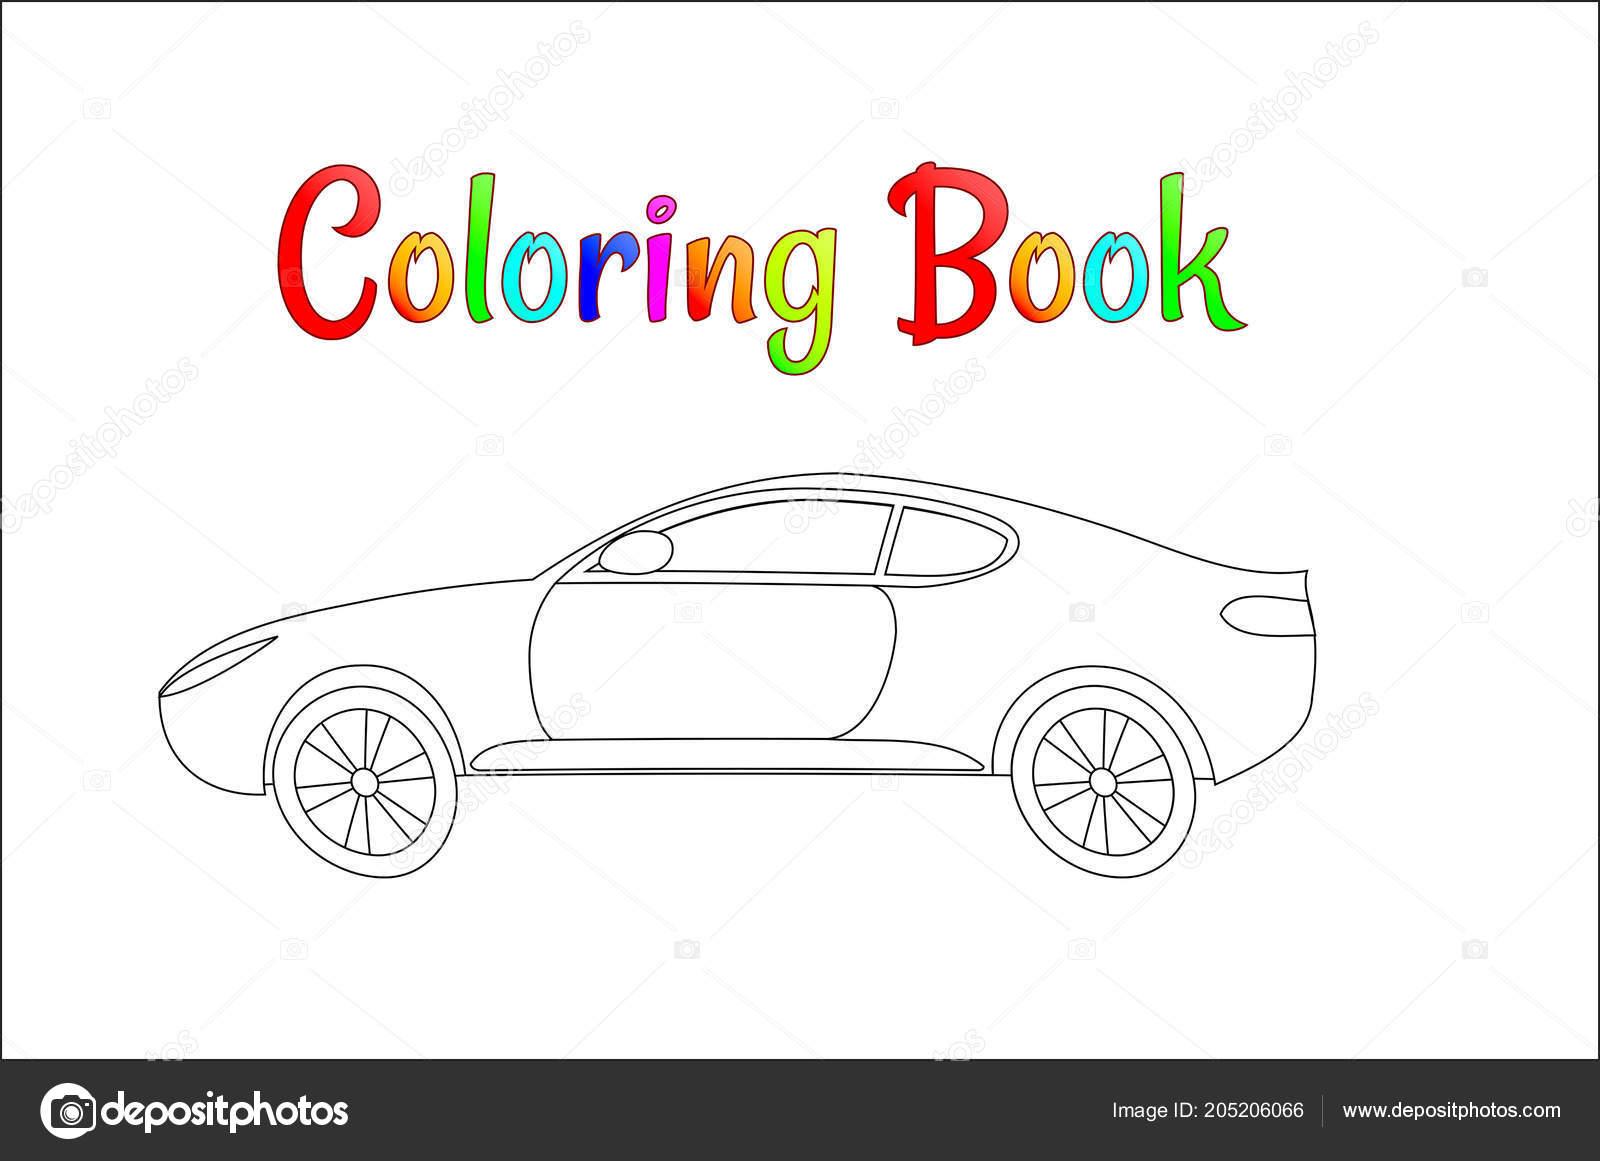 Kolorowanki Dla Doroslych Stock Grafika Pobierz Royalty Free Obrazy Wektory Kolorowanka Antystresowa Kwiaty Depositphotos